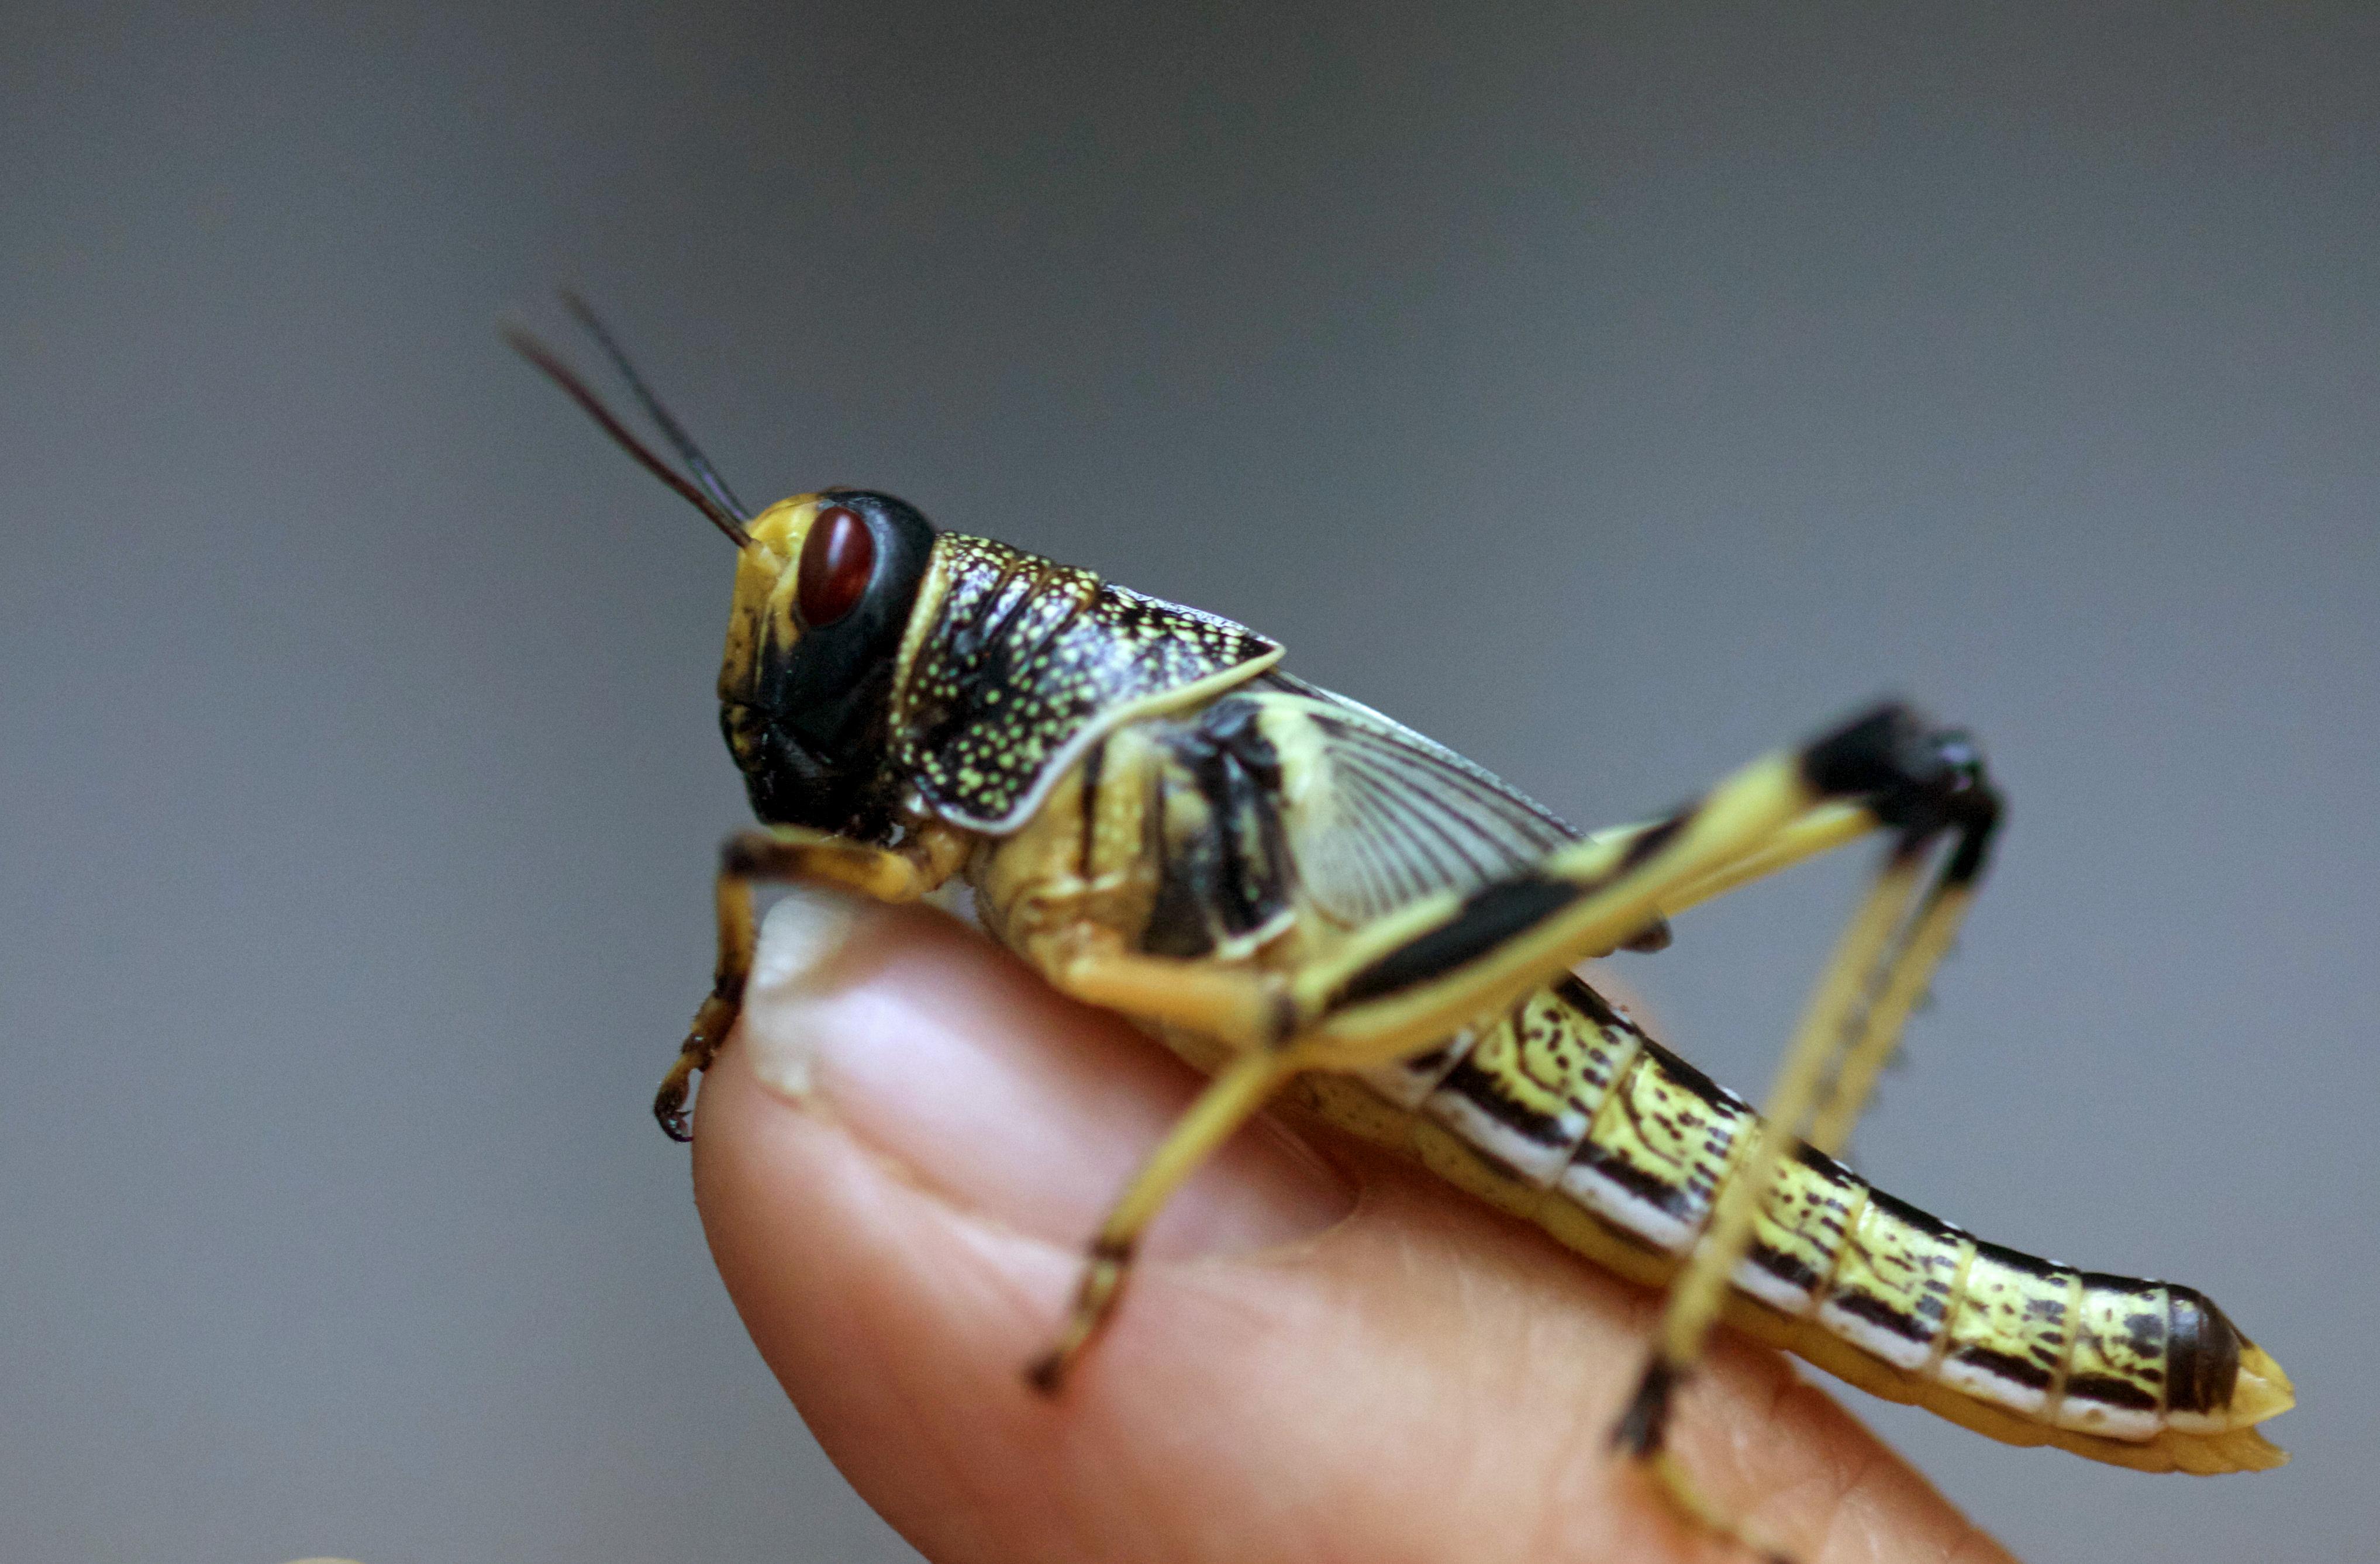 U.N. sees locust trouble brewing as Yemen war hampers pest control